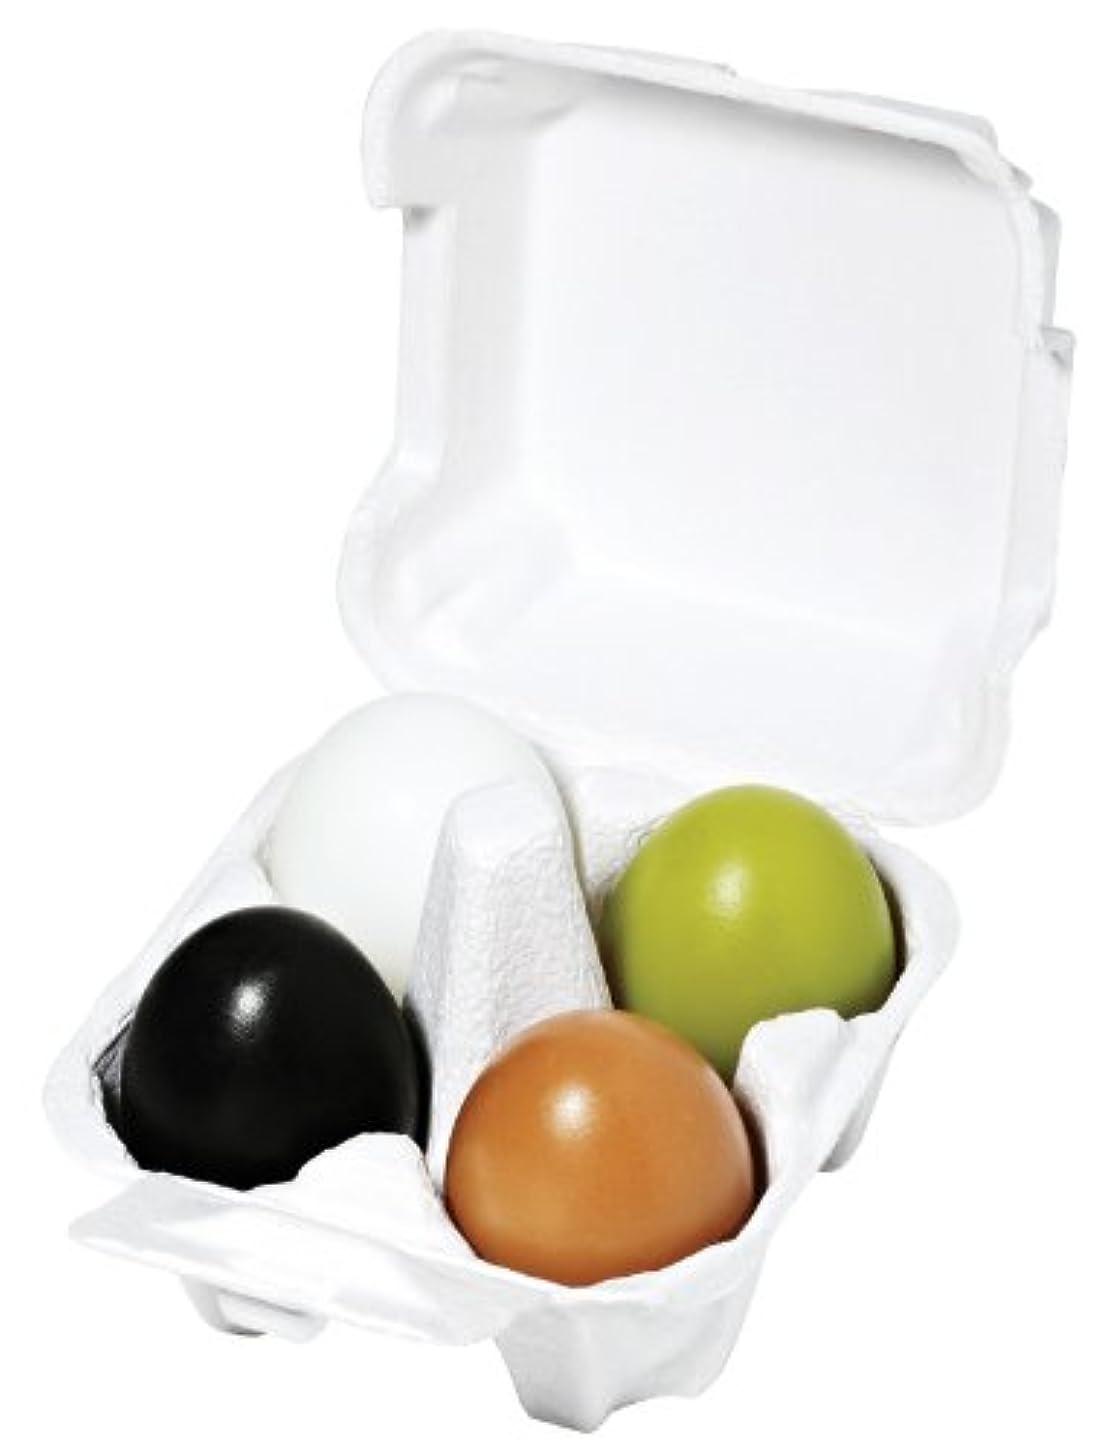 属するキャスト赤面HolikaHolika すべすべソープ エッグソープ 4種セット